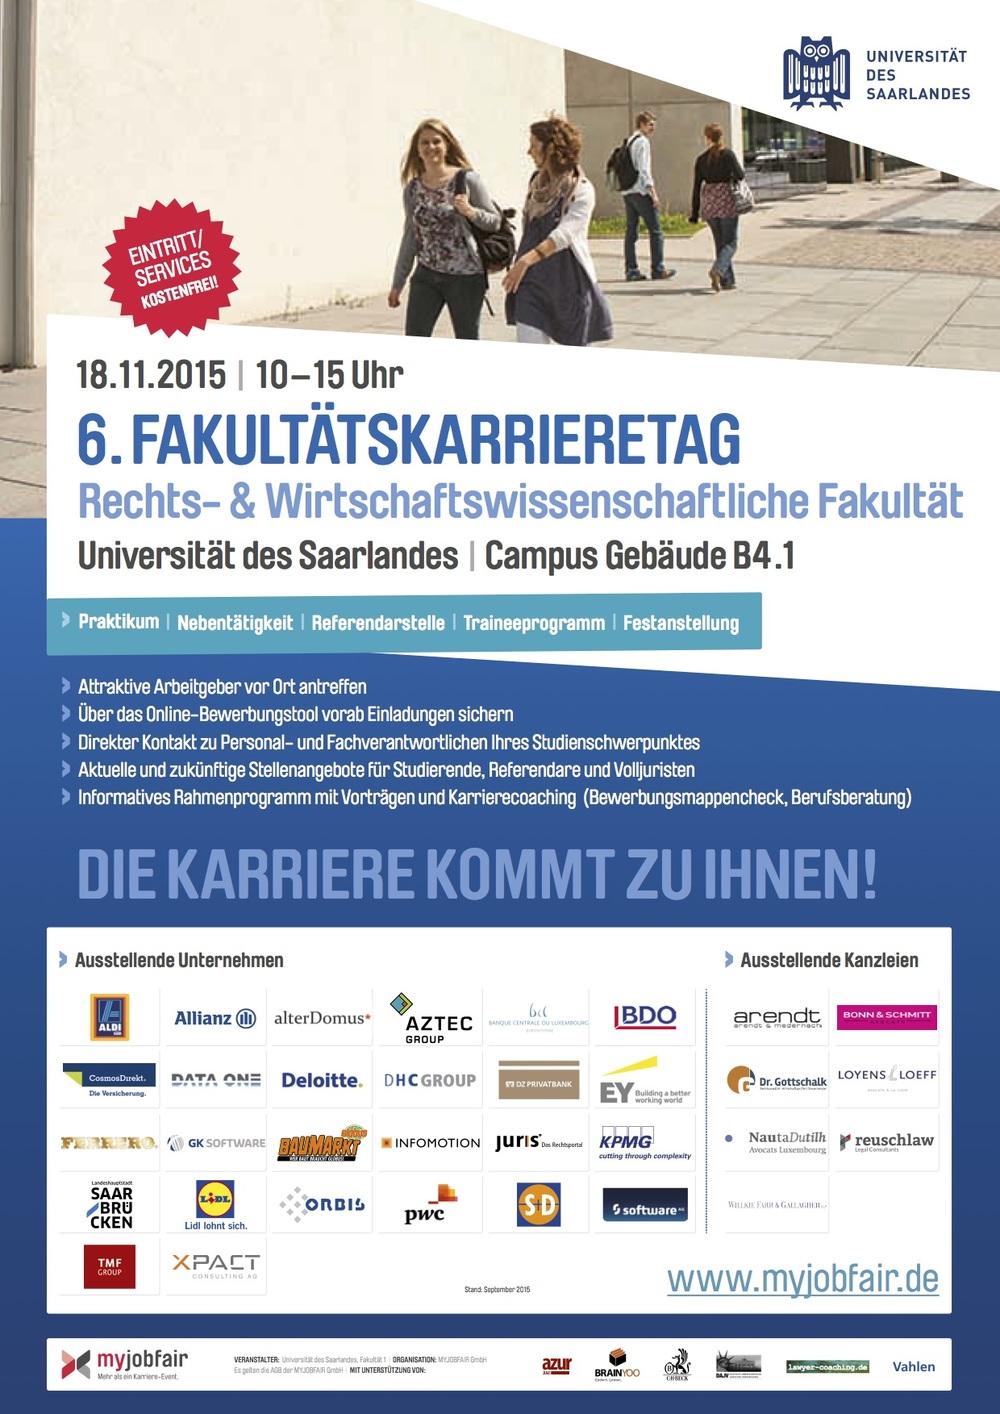 Fakultaetskarrieretag_Saarbruecken_2015_Plakat.jpg